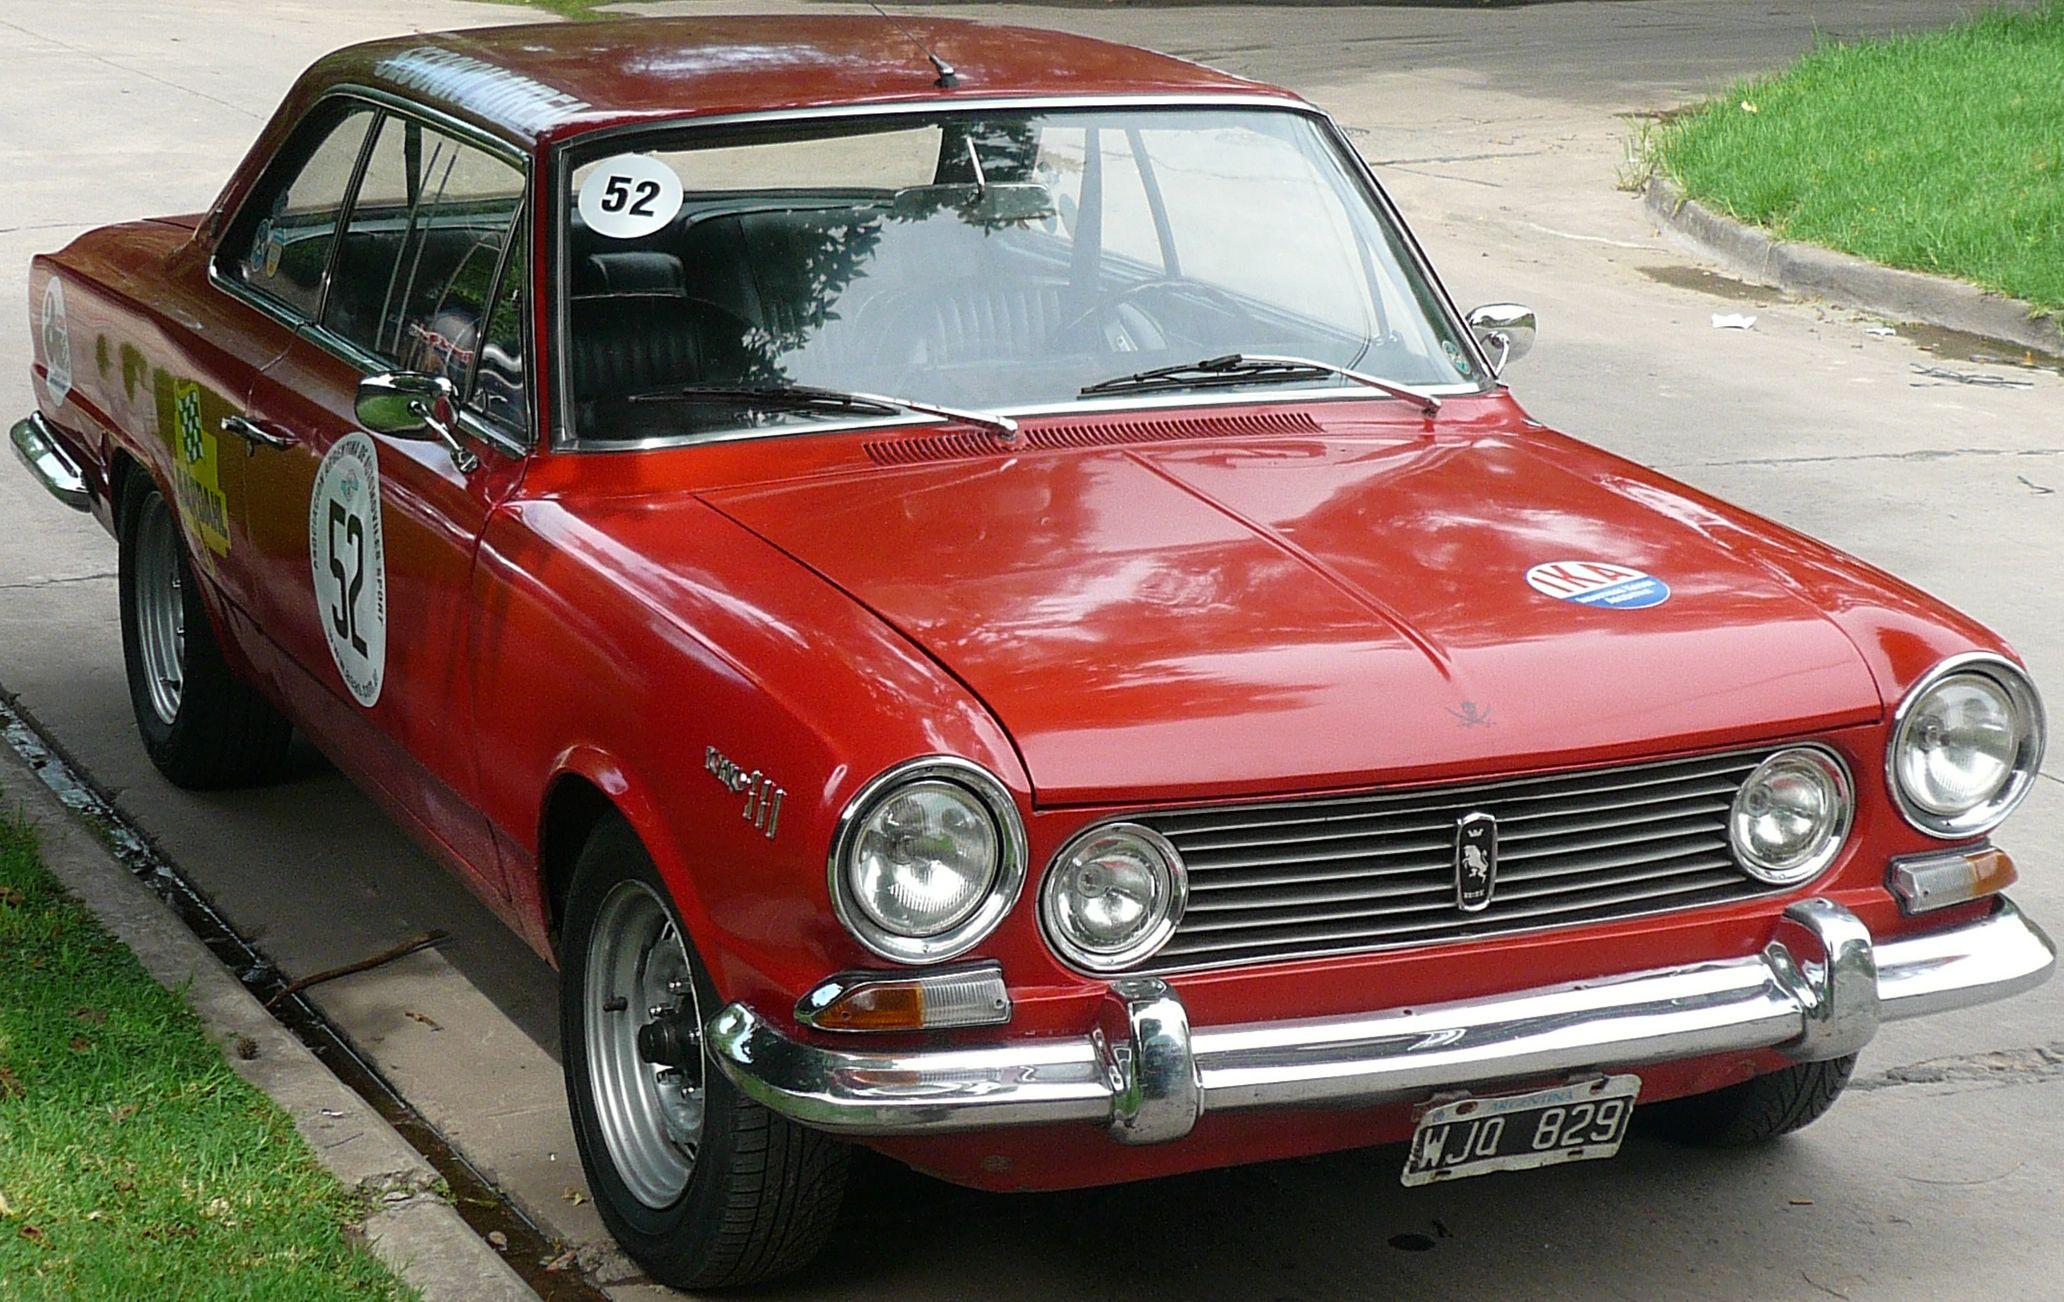 Ika Torino 380 1967 Usd 8000 44989 Autos Autos Antiguos Coches